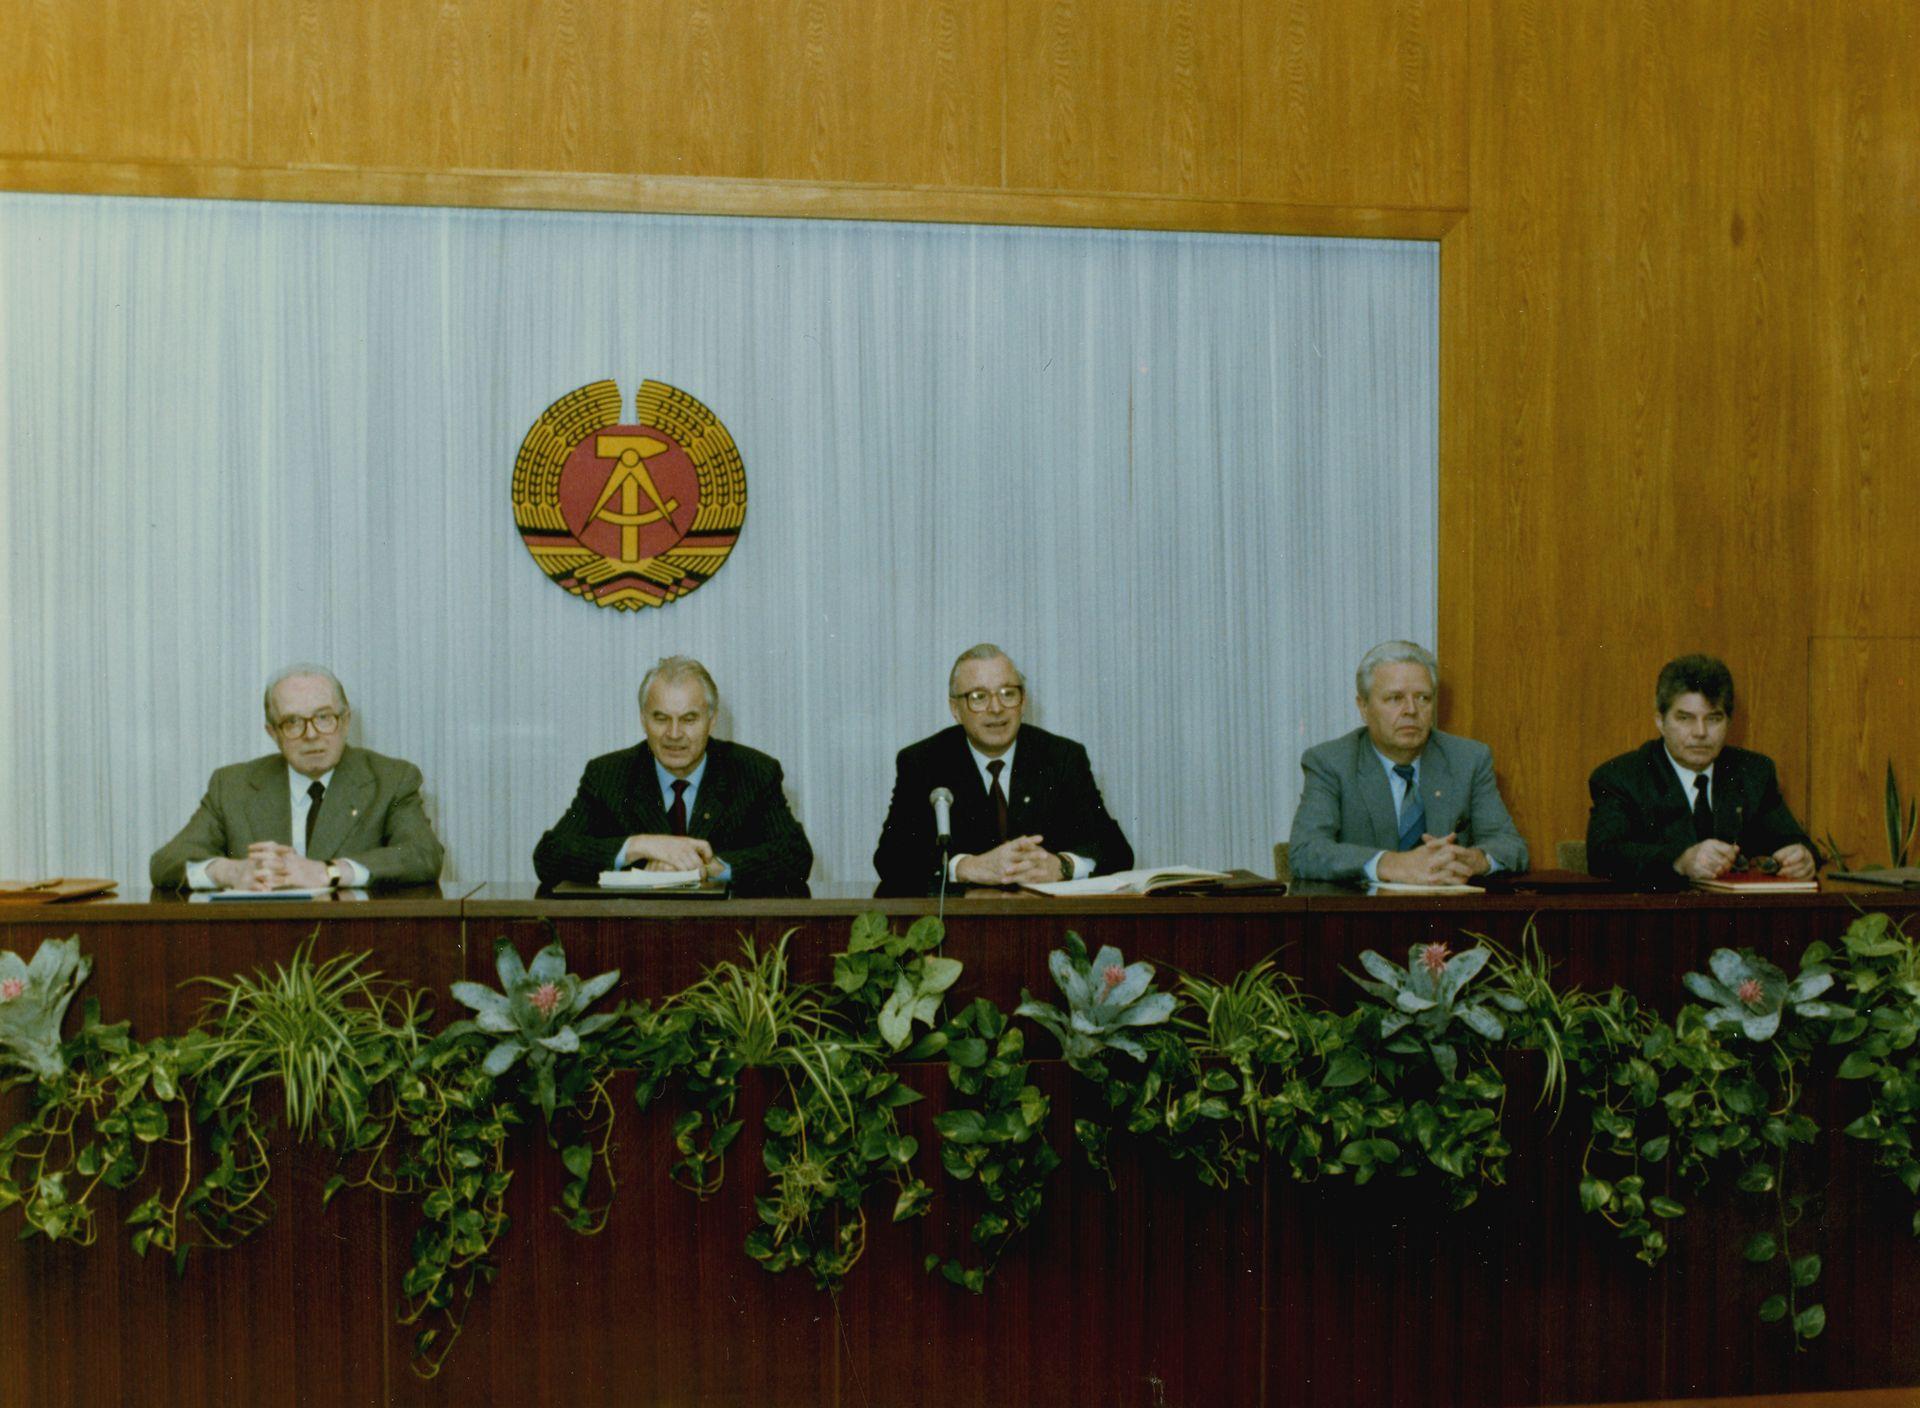 Das Bild zeigt fünf Männer, die auf einem Podium sitzen. Im Vordergrund sind Blumen zu shen, die sich in Blumenkästen befinden. Im Hintergund ein großes DDR-Wappen vor einem weißen Hintergrund.